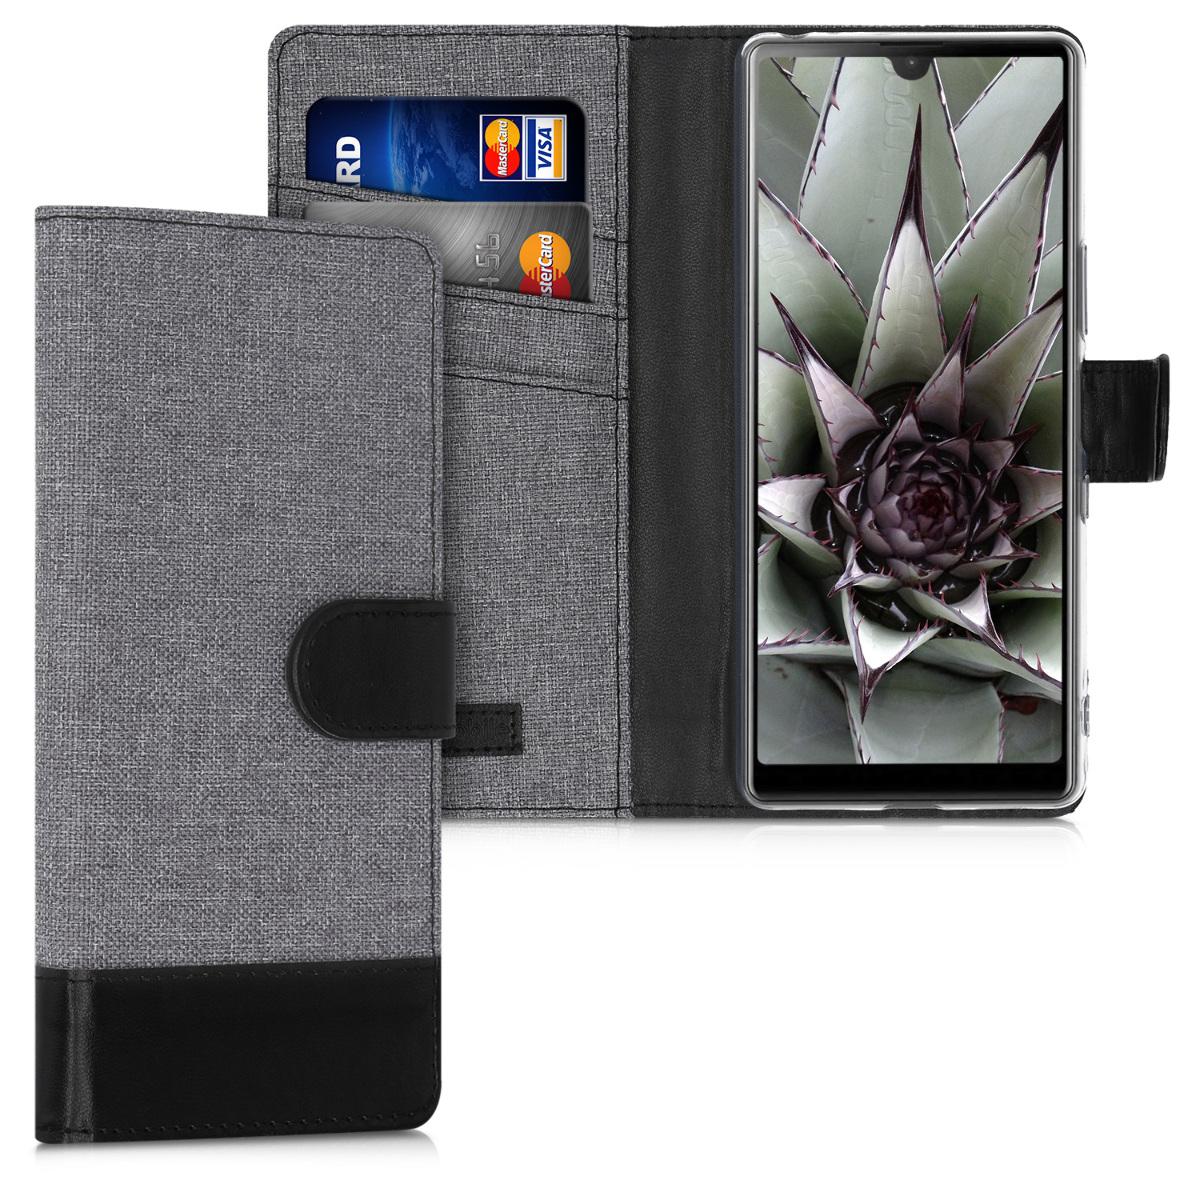 Textilní látkové pouzdro | obal pro Sony Xperia L4 - šedé/ černé